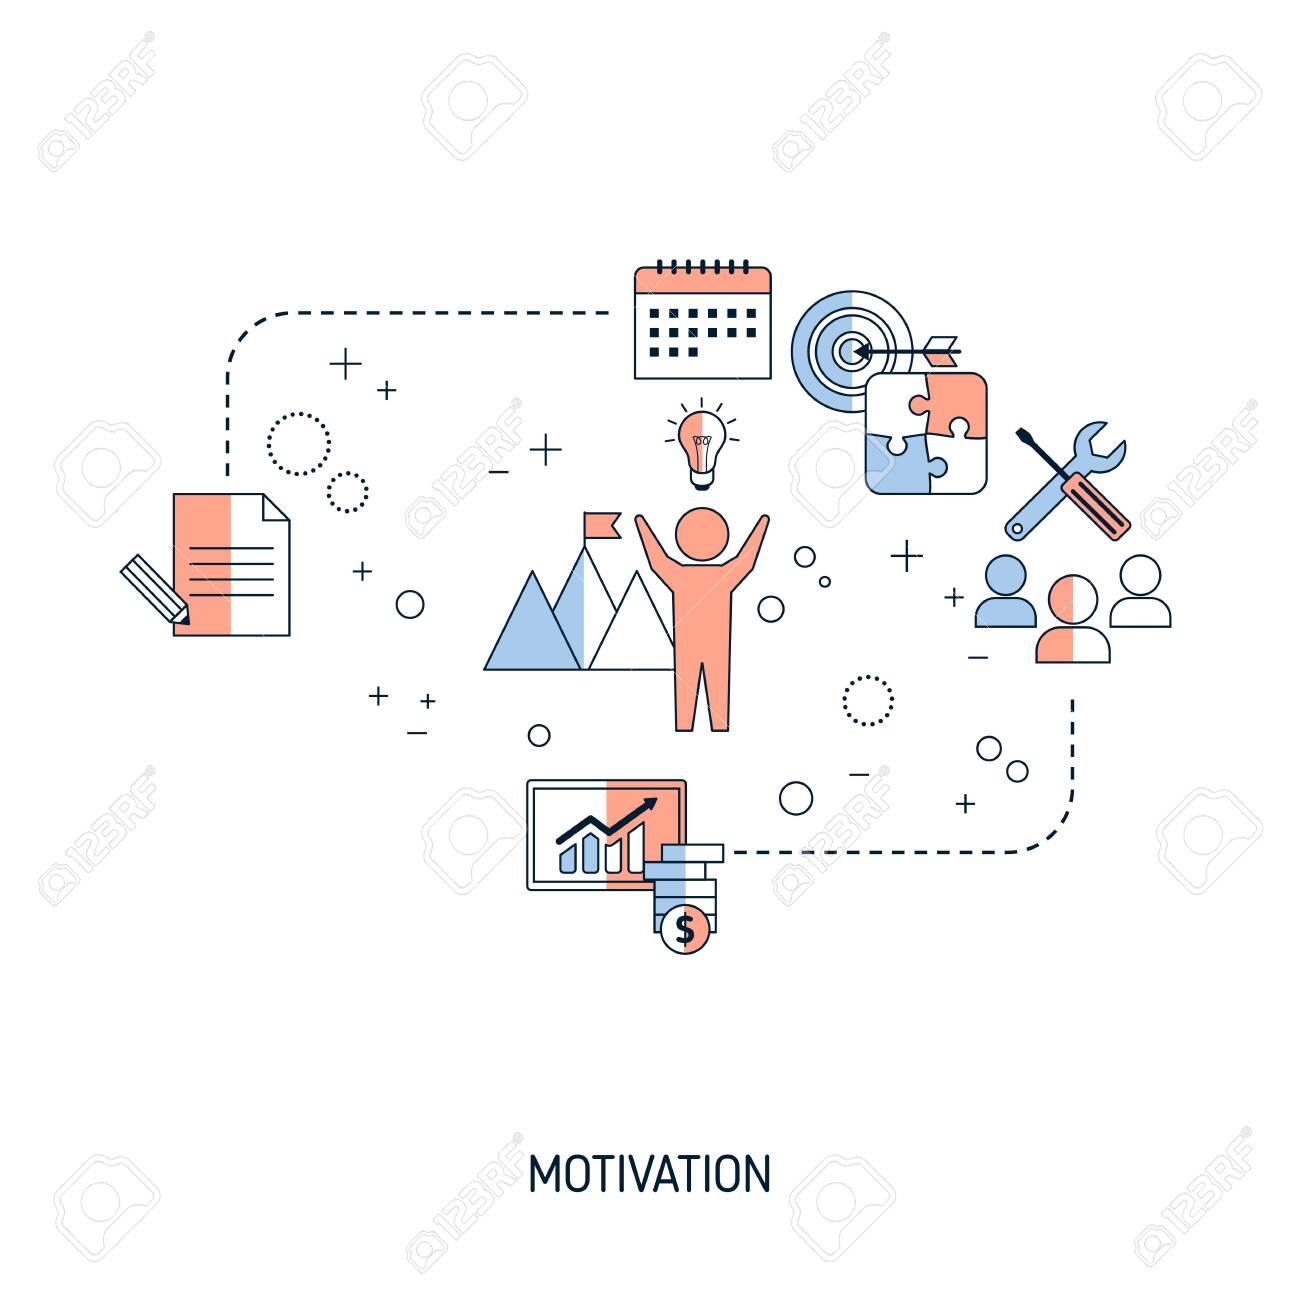 Motivation concept. Vector illustration for website, app, banner, etc. - 148182117